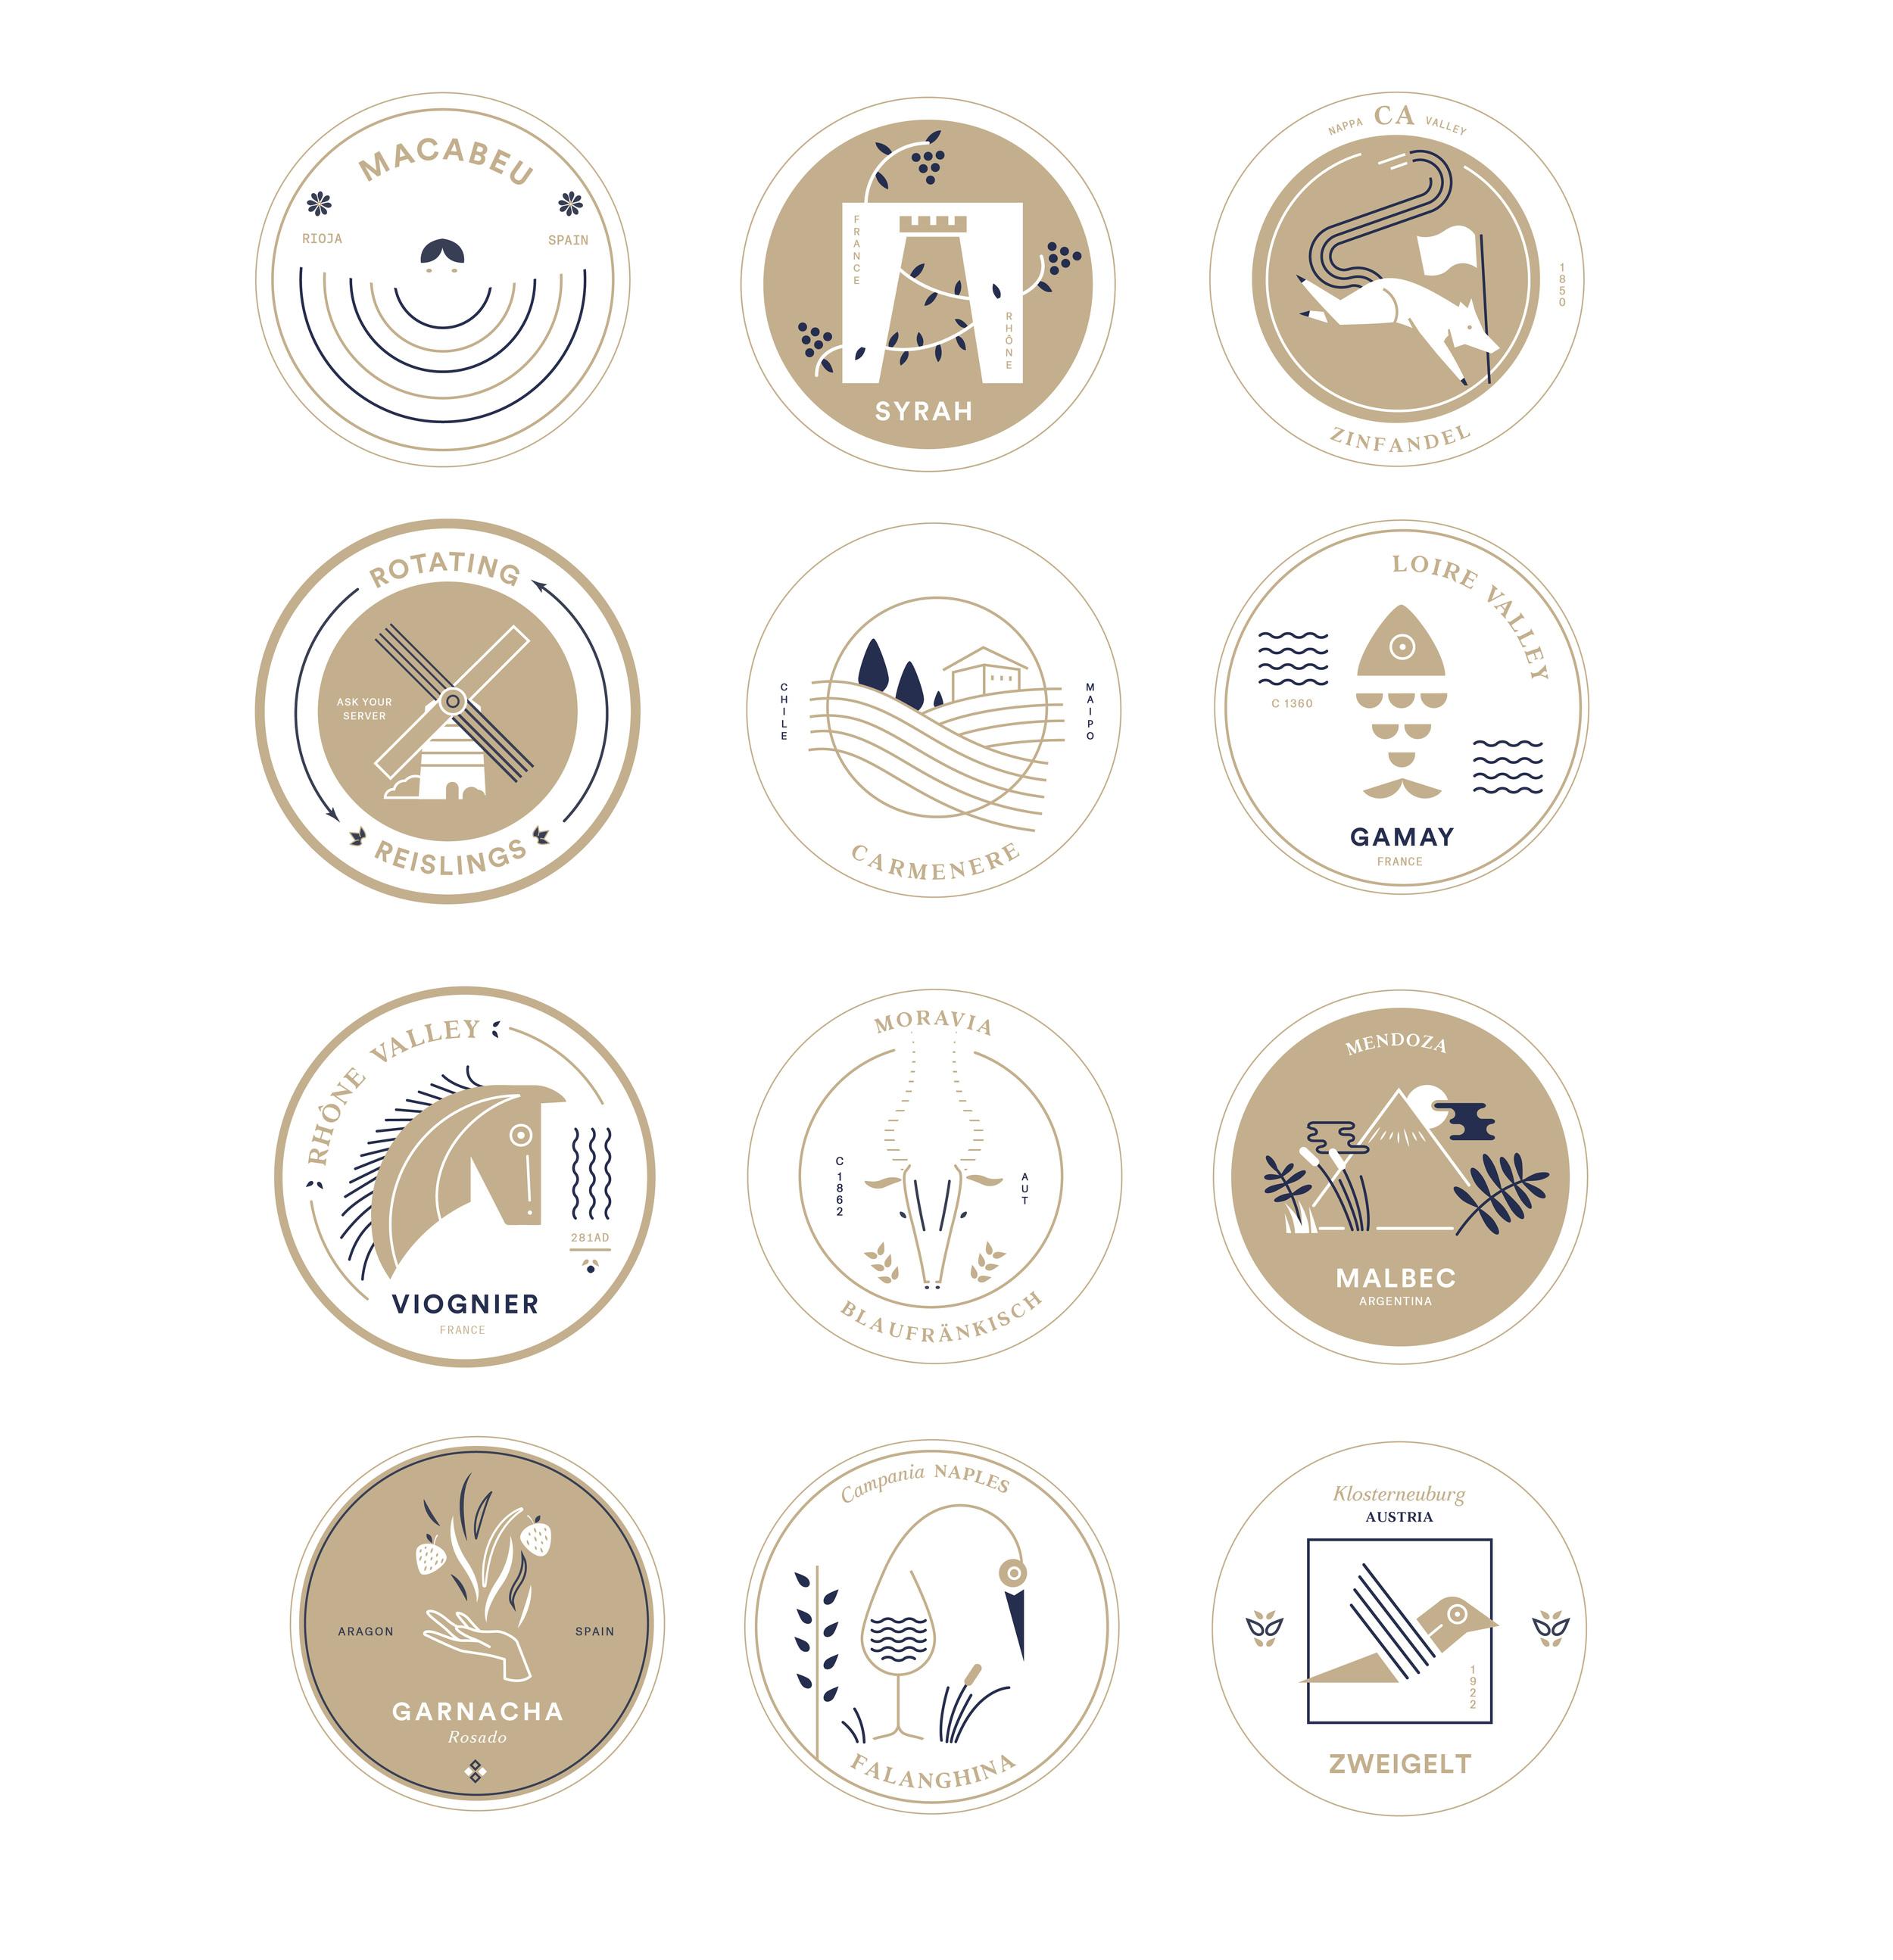 Coaster designs